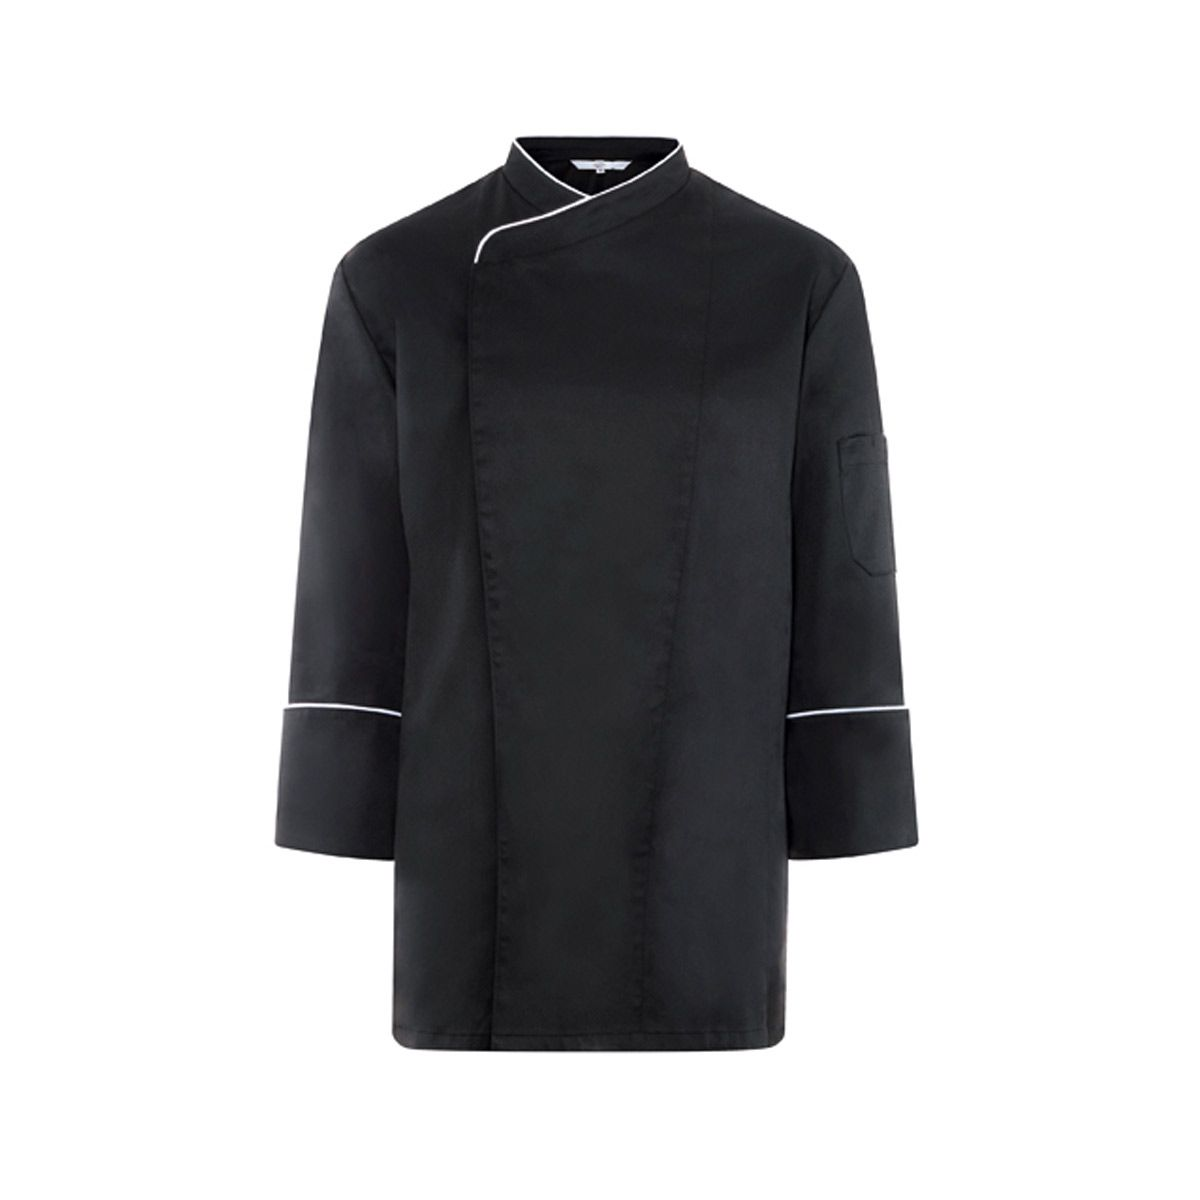 veste cuisine noir homme 5545 est un vêtement de travail